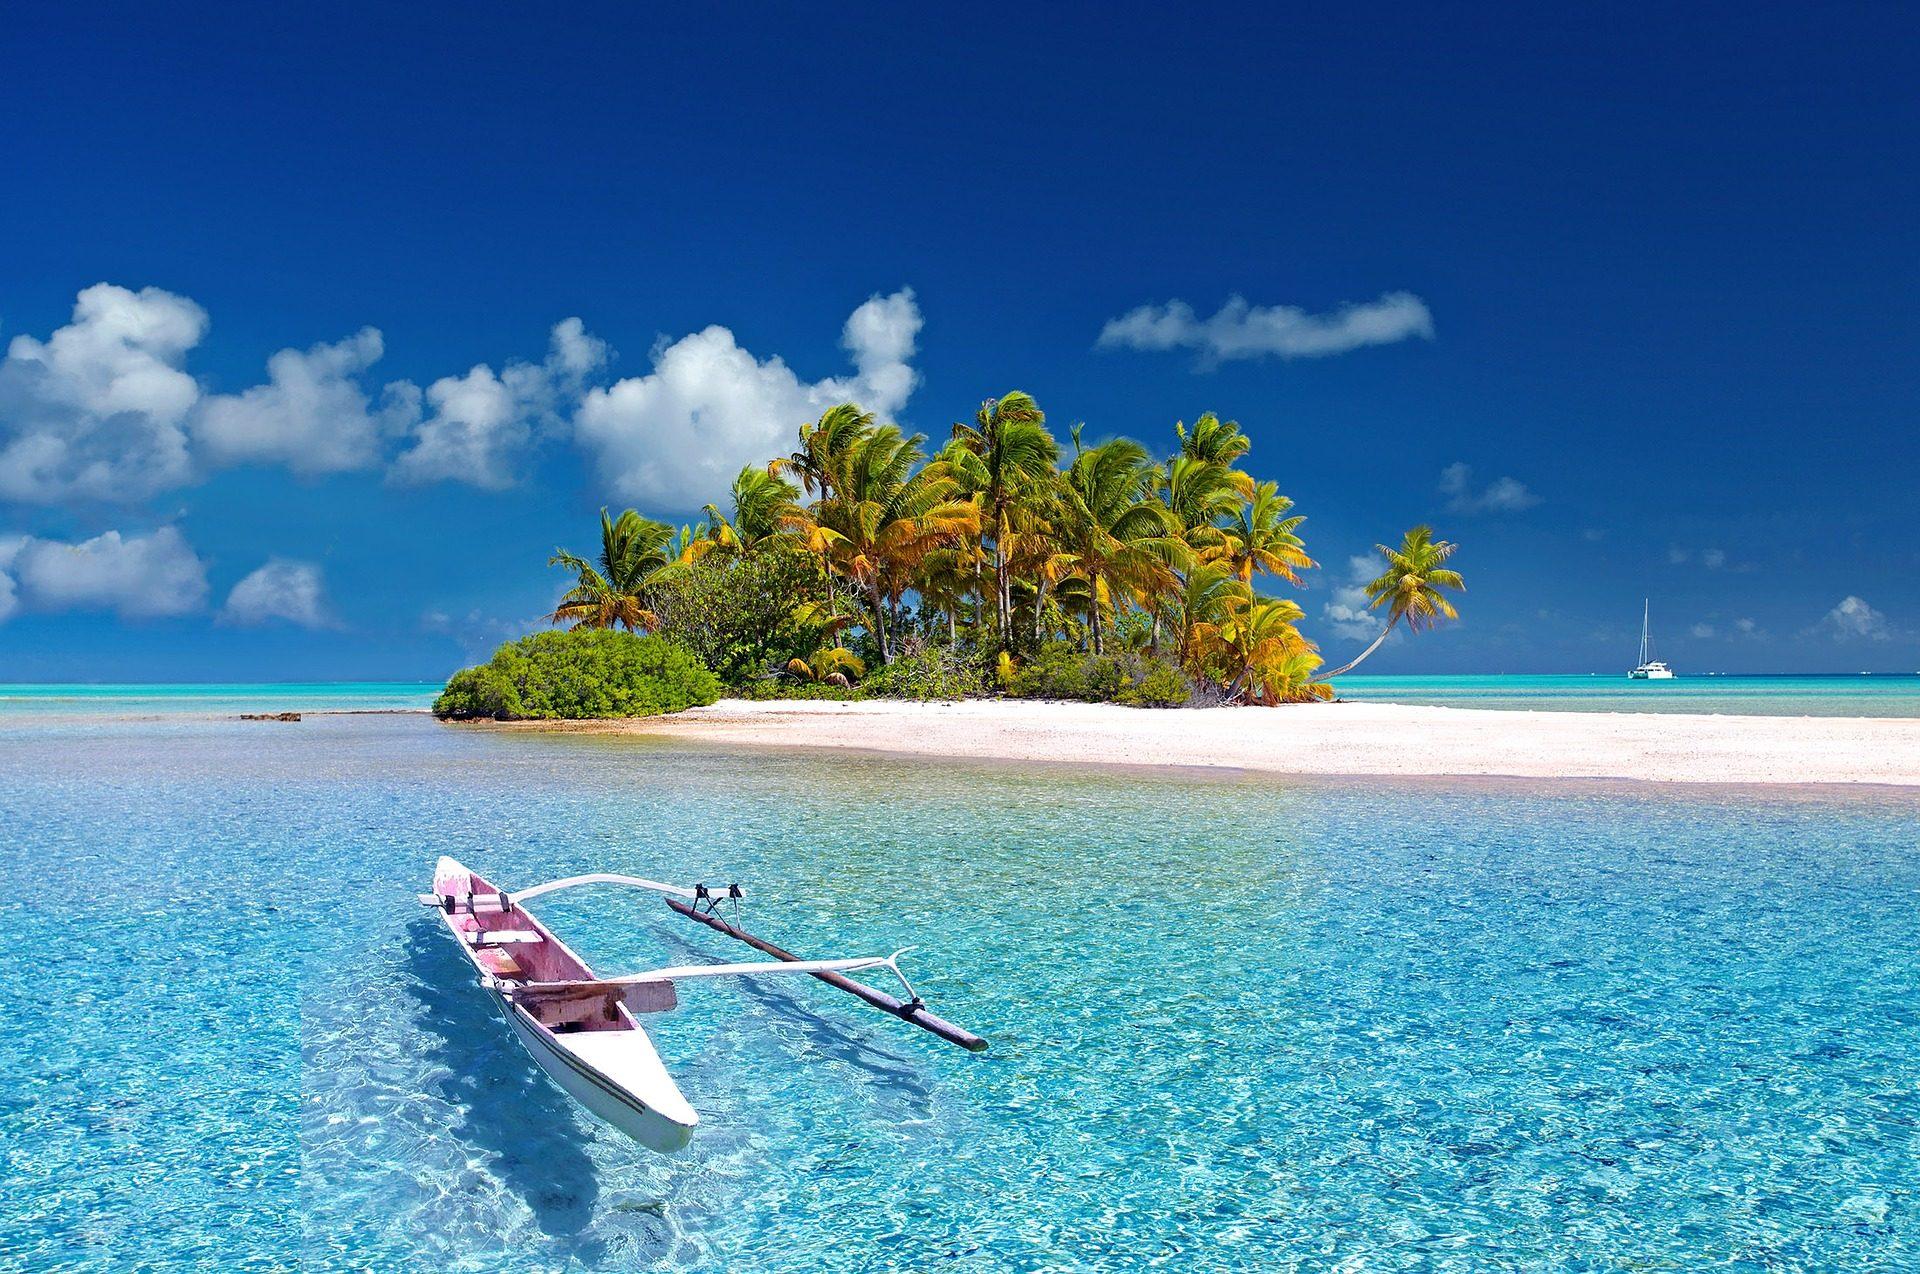 rondreis-frans-polynesie